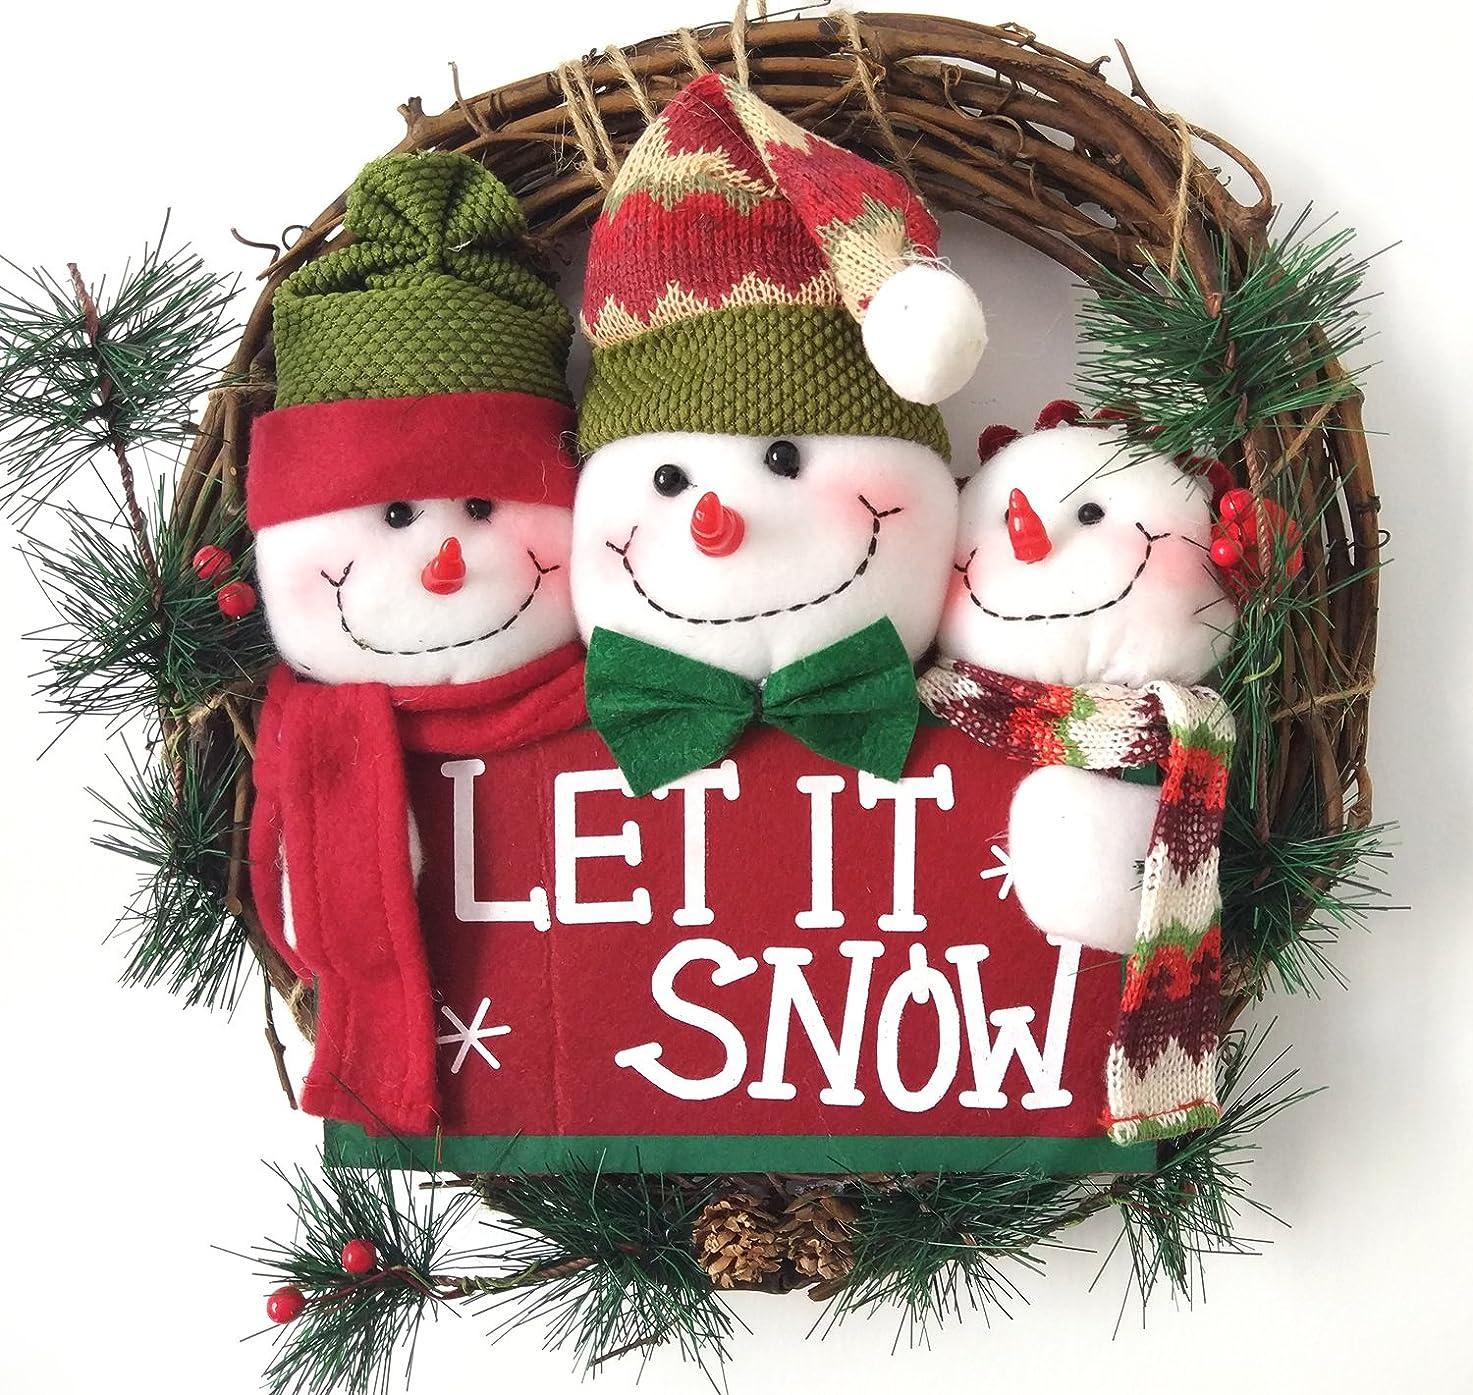 分類暫定通路Forhomelife クリスマスリース 玄関 ドア 壁 飾り クリスマスオーナメント プレゼント 手作り 36cm スノーマン